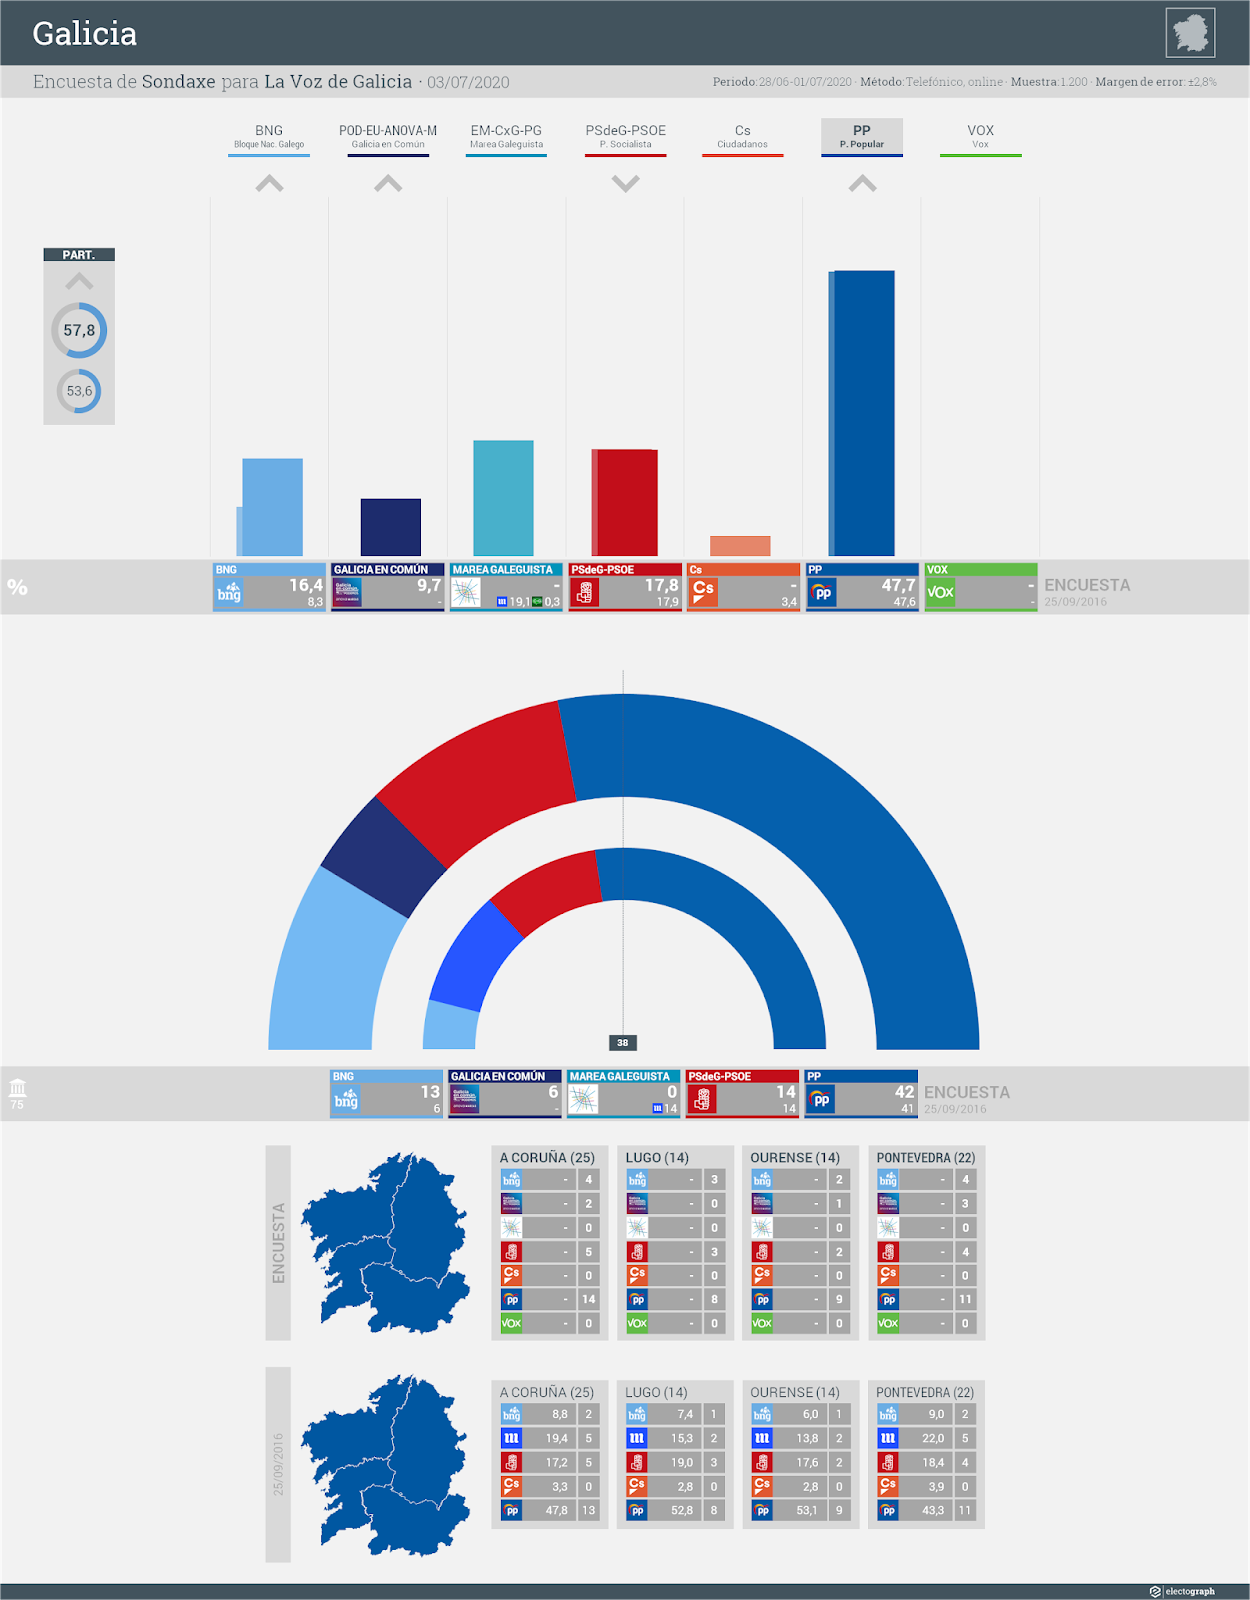 Gráfico de la encuesta para elecciones autonómicas en Galicia realizada por Sondaxe para La Voz de Galicia, 3 de julio de 2020